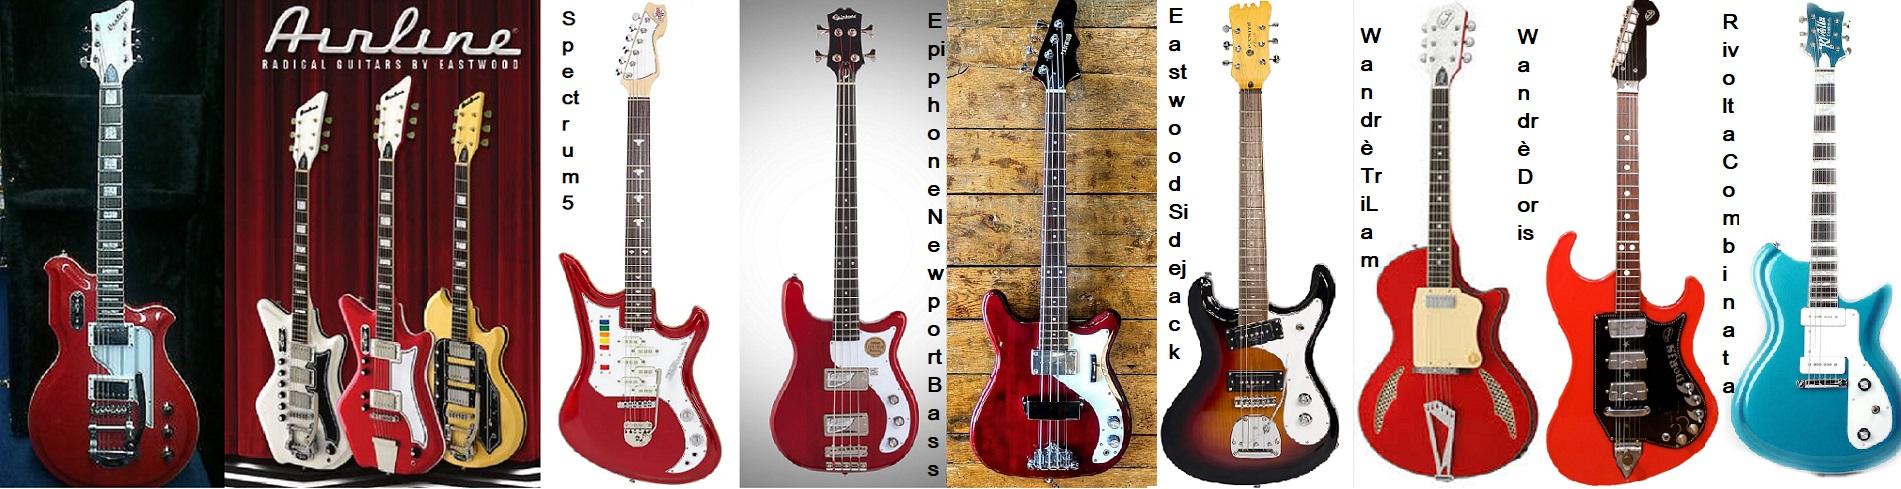 Eastwood, una Brand dedicata alle riproduzioni di strumenti famosi.